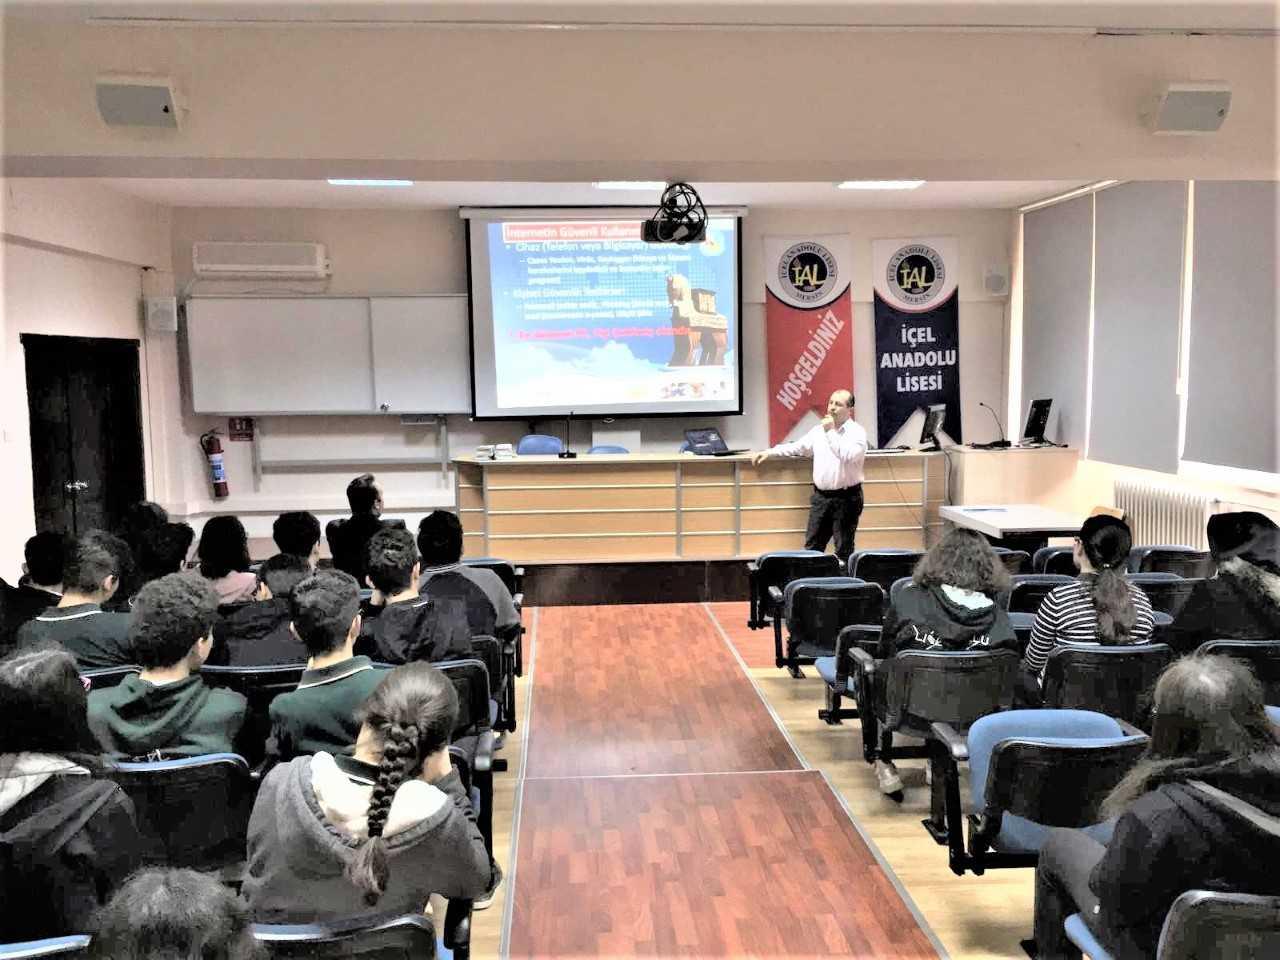 Mersin Mezitli İçel Anadolu Lisesi, Bilinçli Ve Güvenli İnternet Semineri